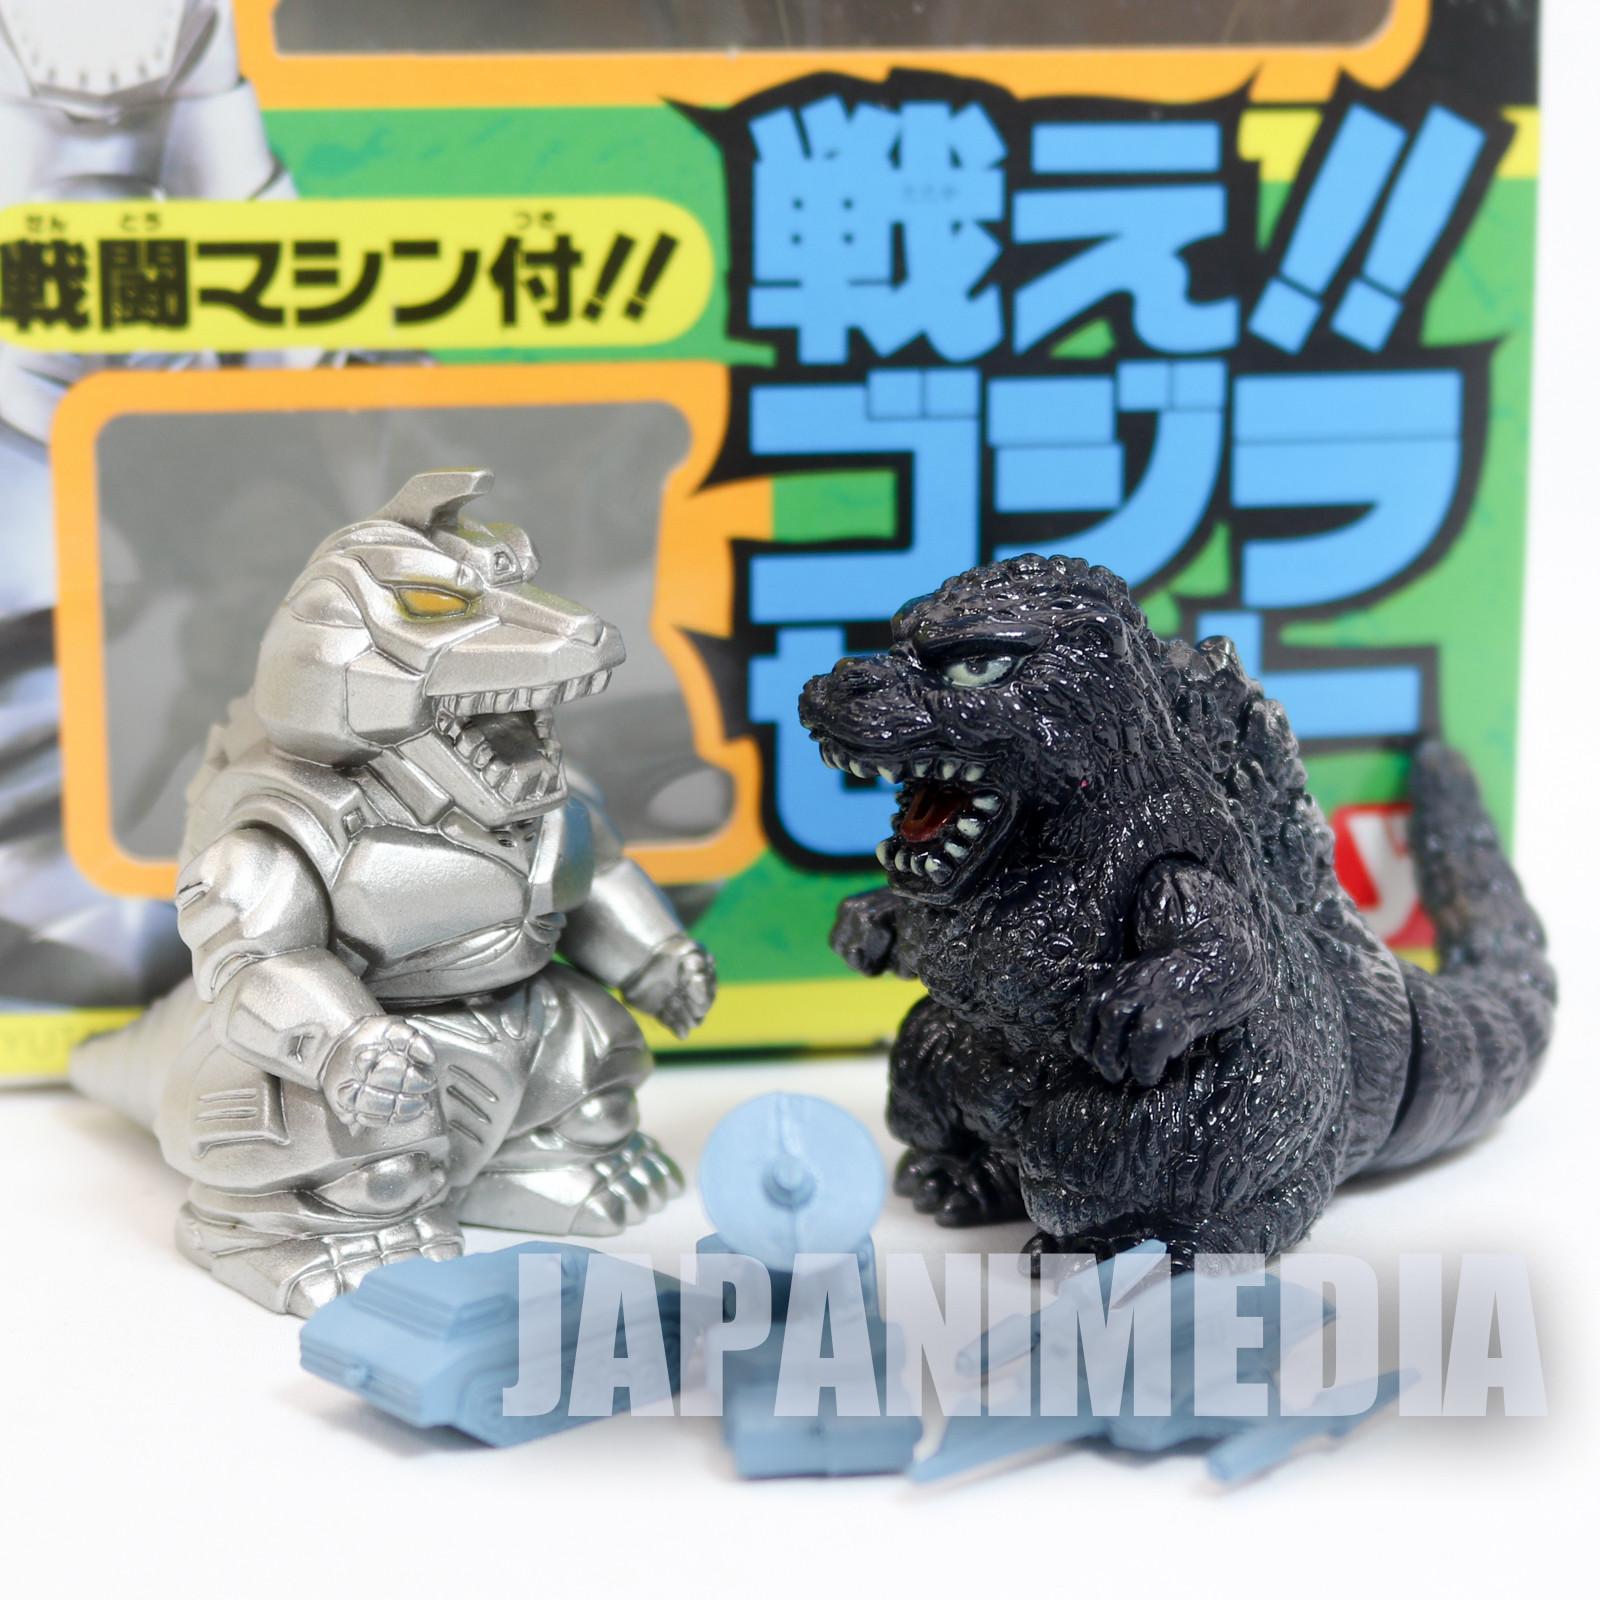 Godzilla Mecha Godzilla Figure Set Yutaka JAPAN TOKUSATSU